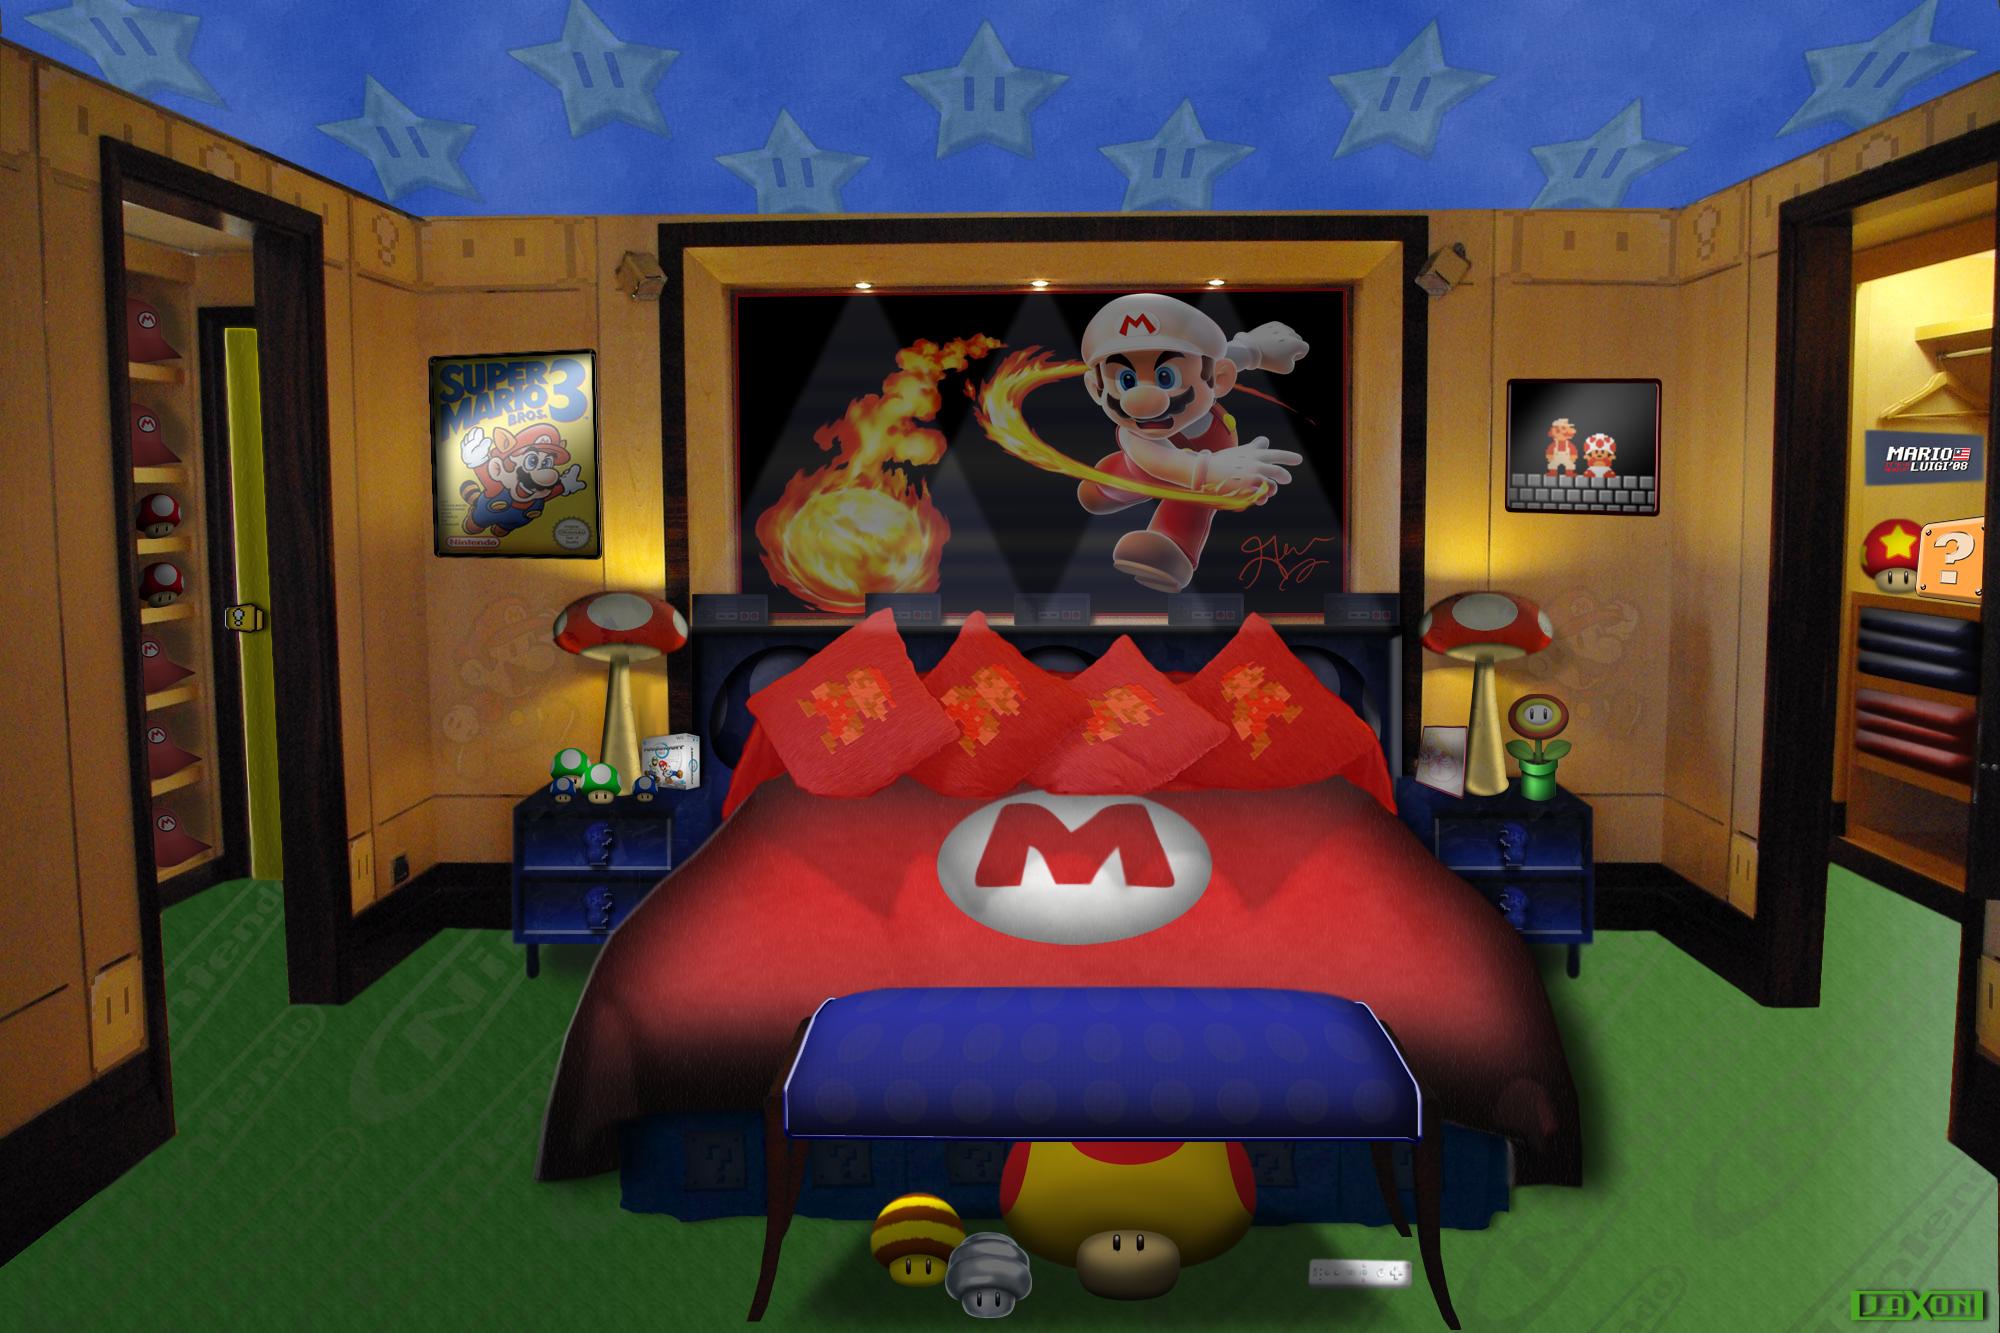 Super mario bedroom